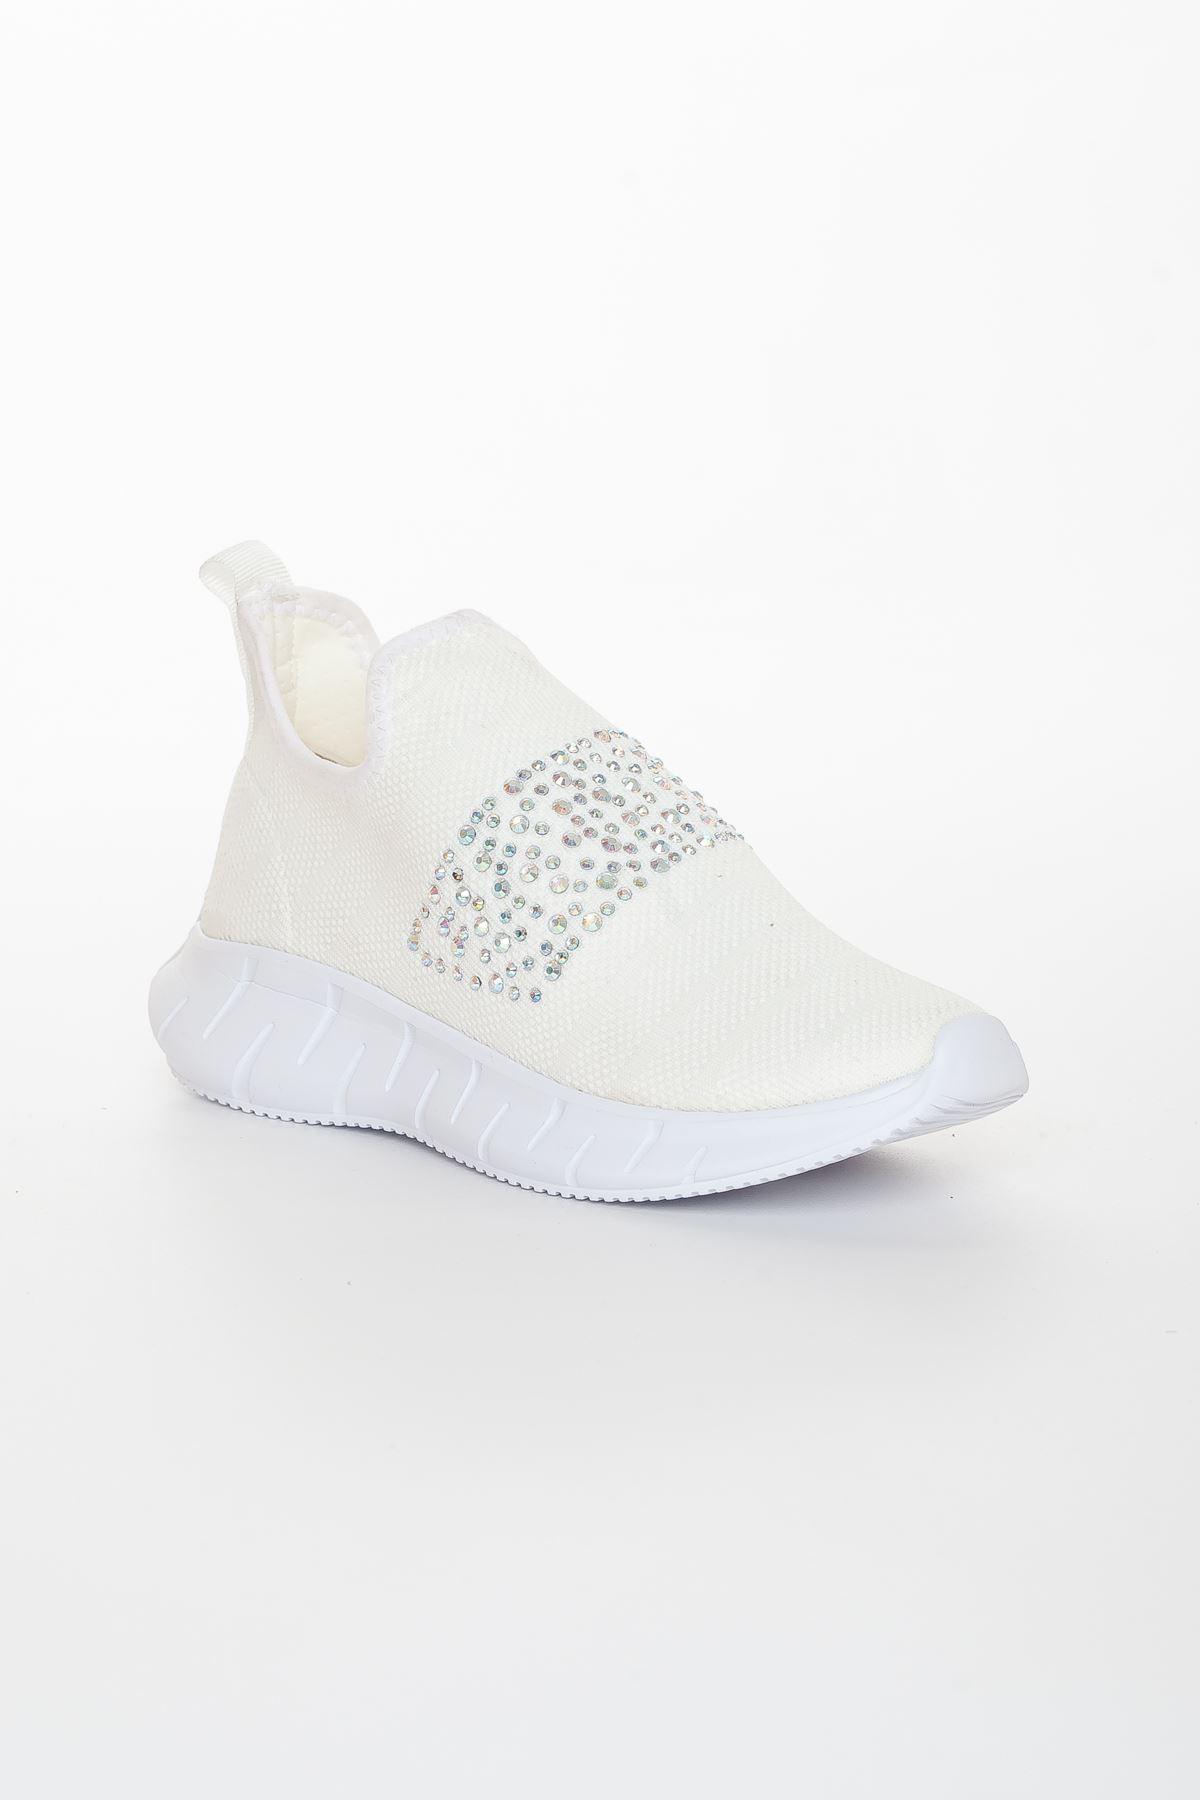 Jonger Spor Ayakkabı BEYAZ